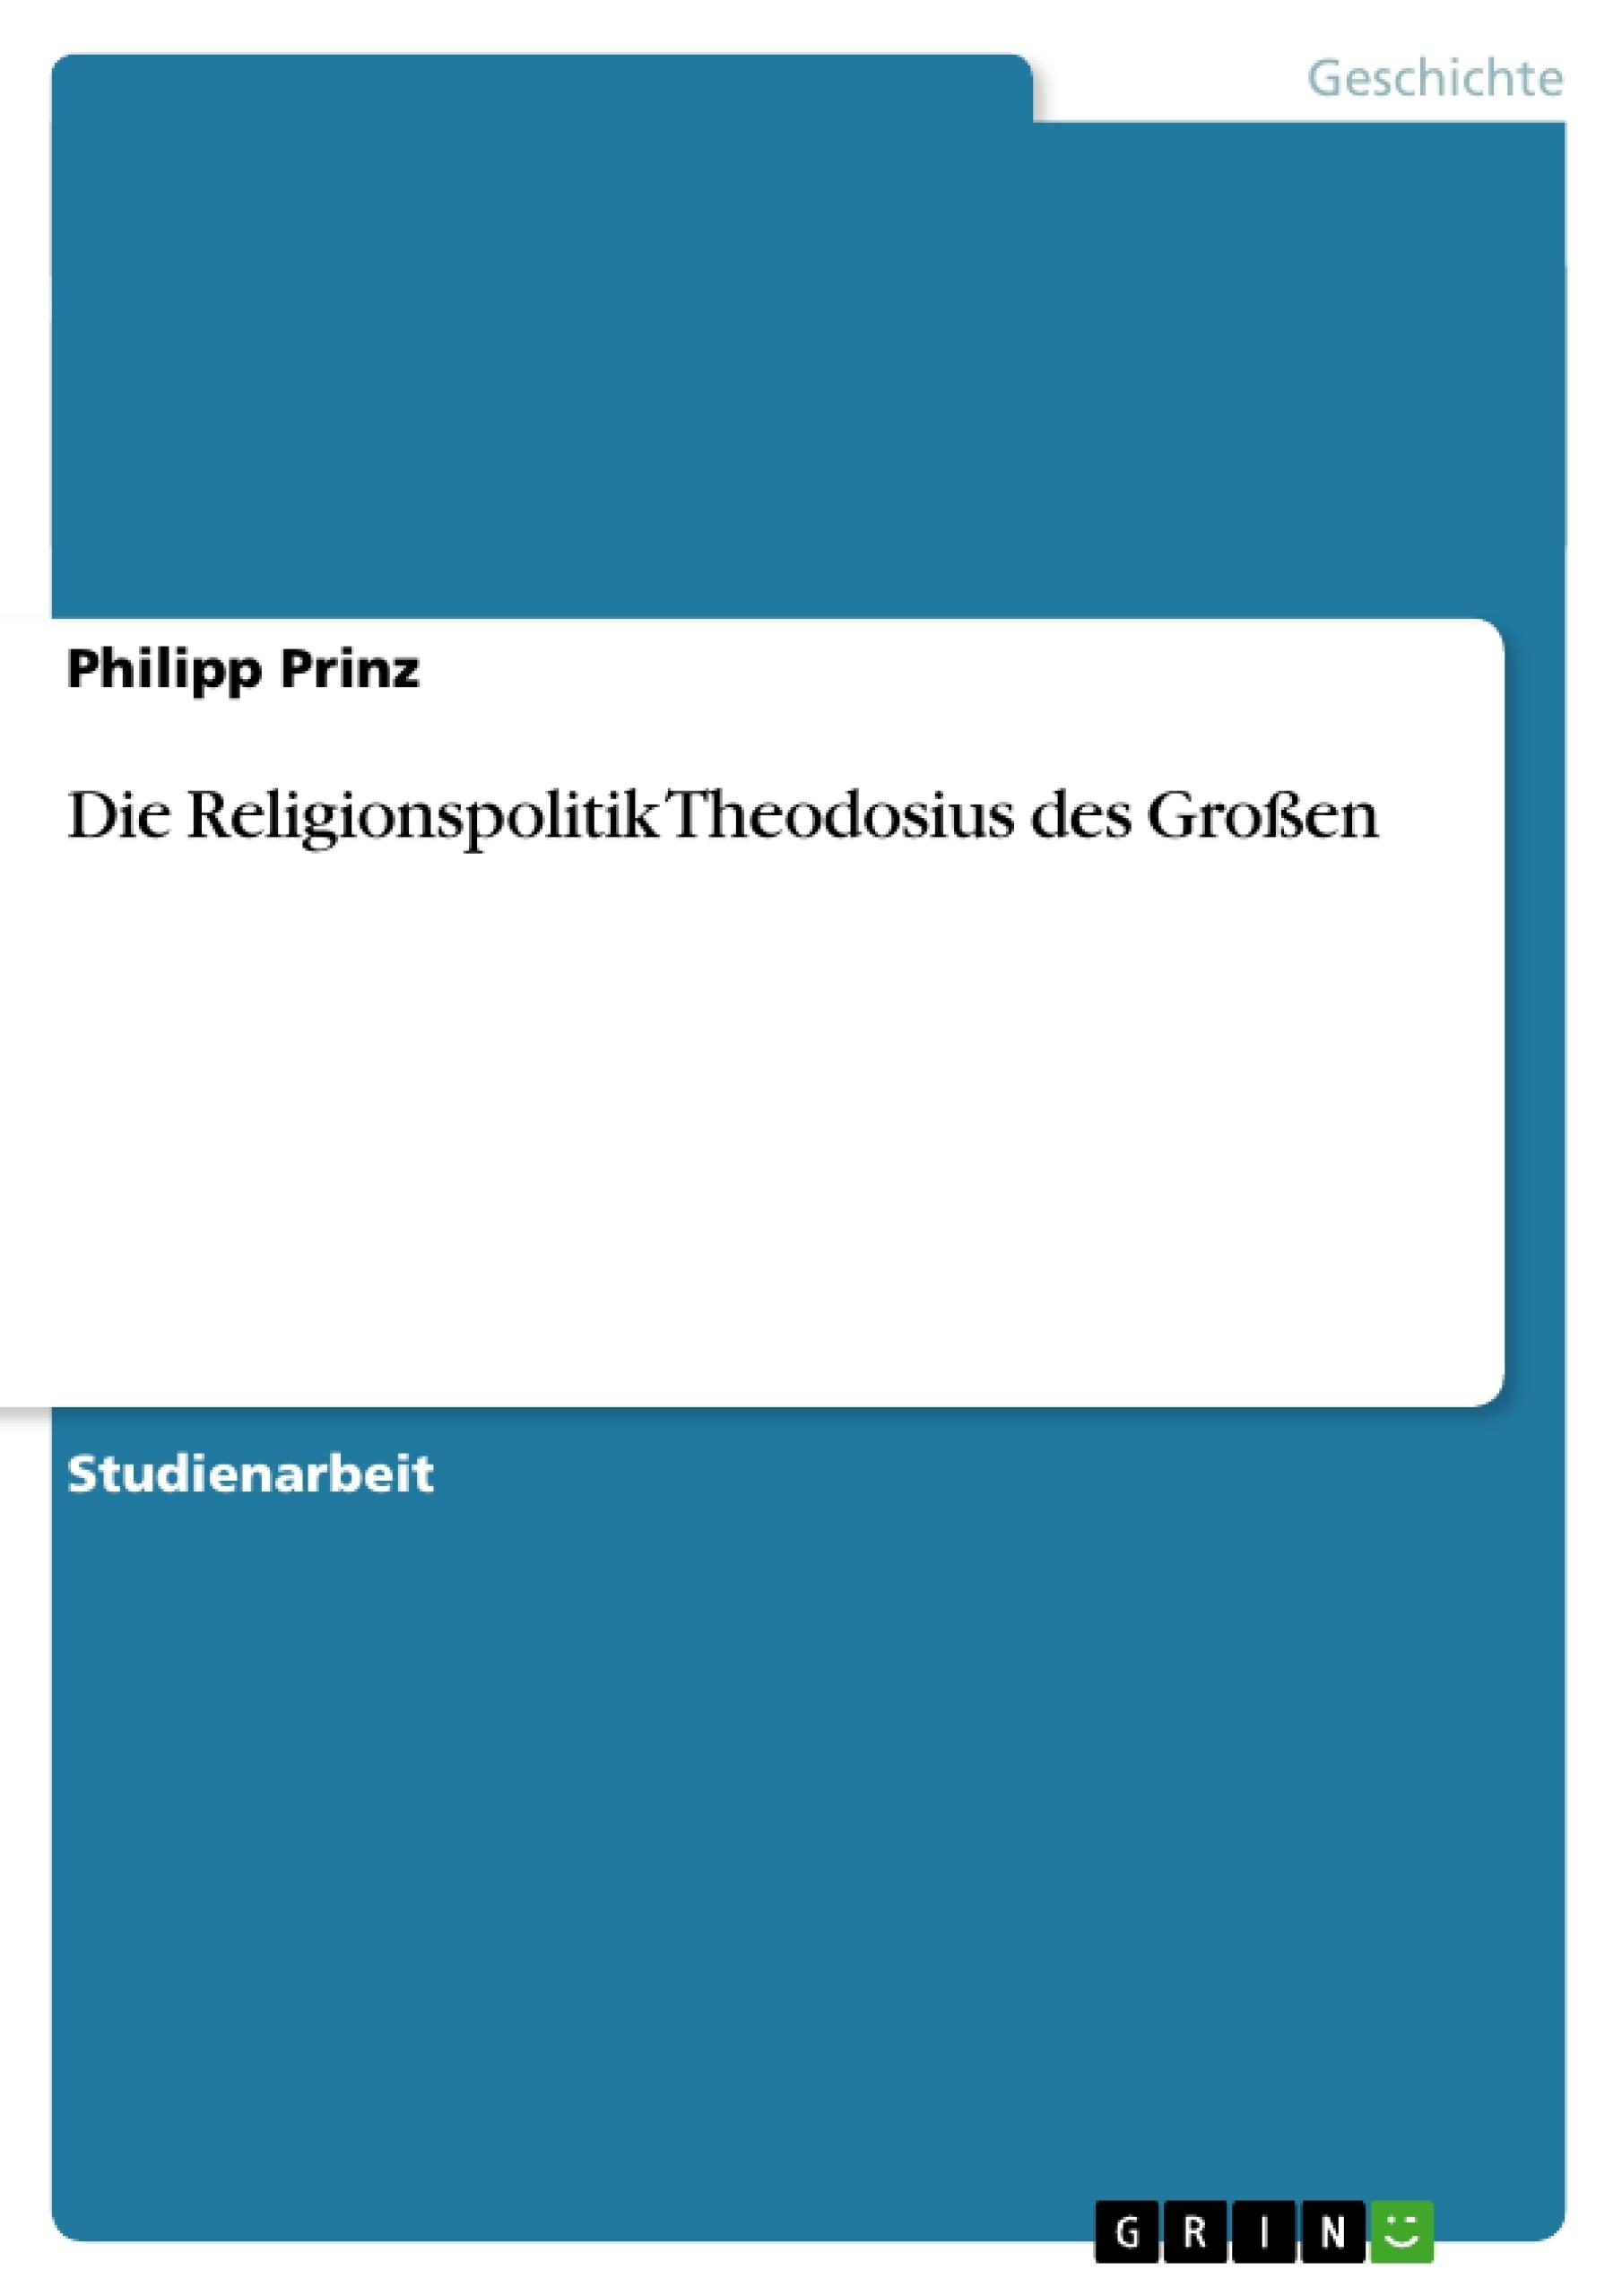 Titel: Die Religionspolitik Theodosius des Großen